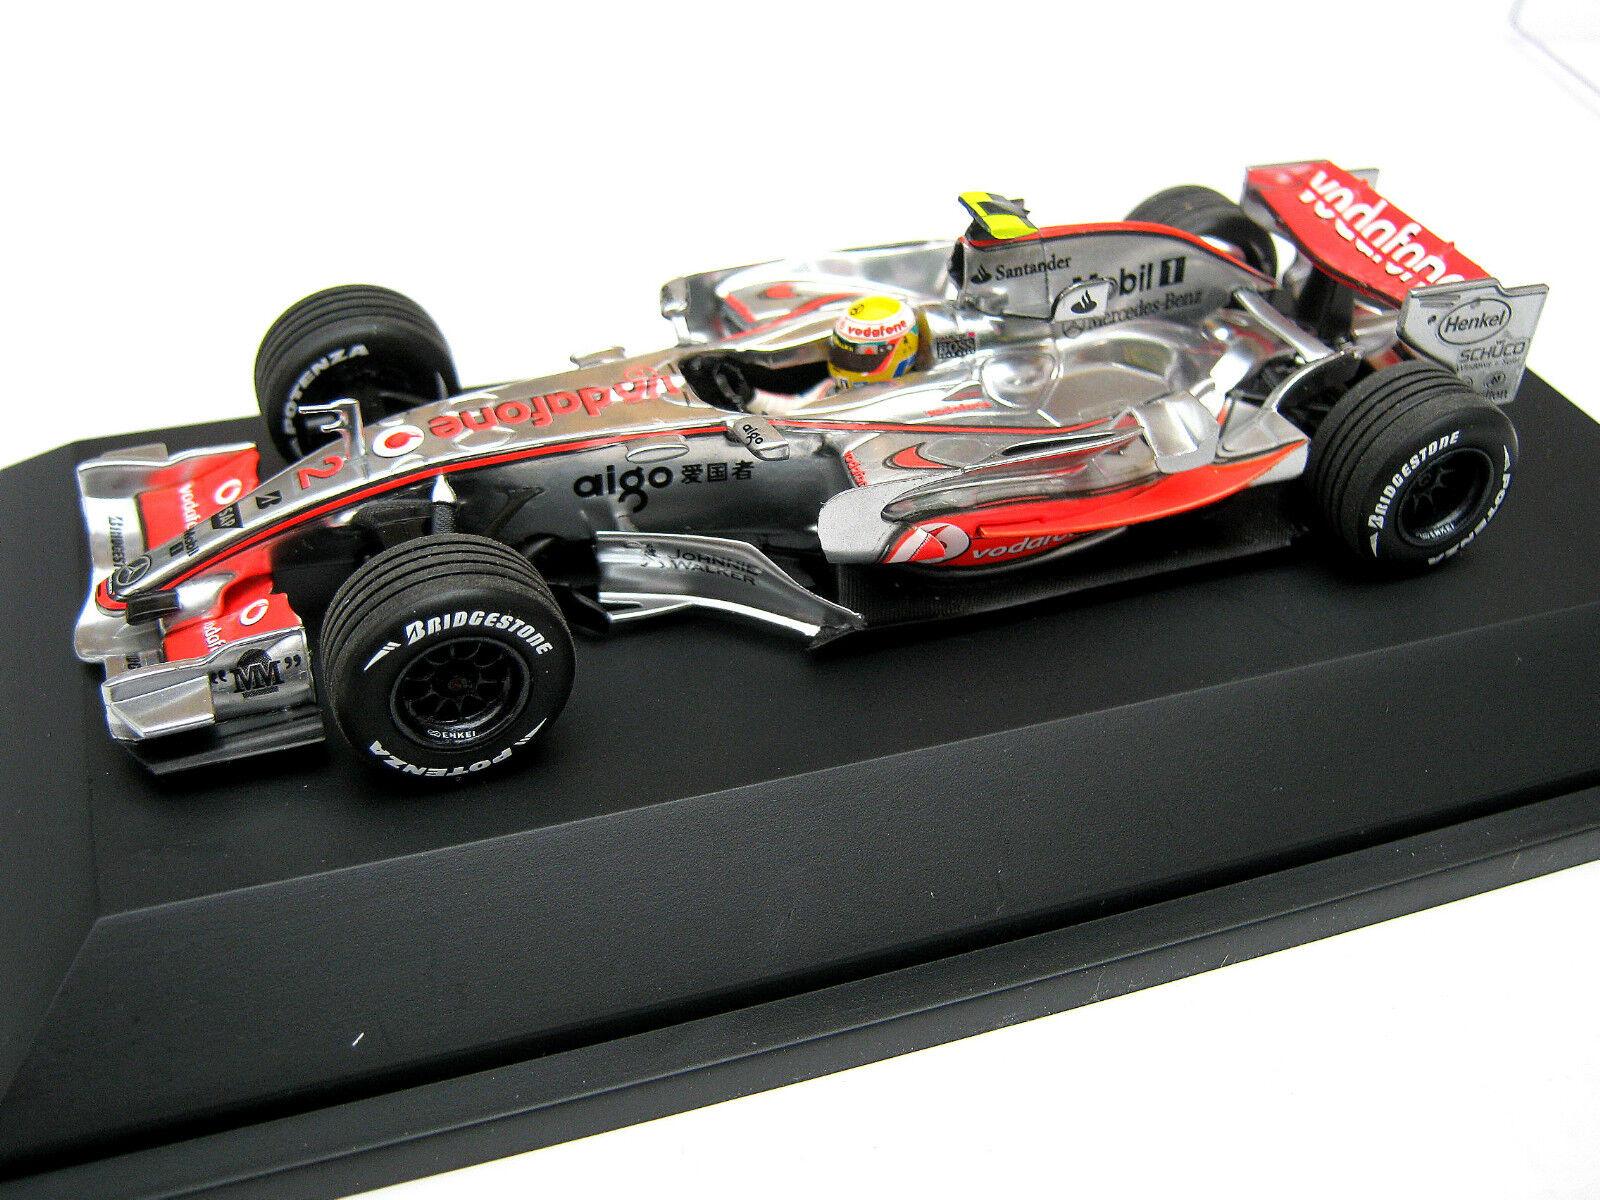 Mclaren Mercedes mp4 22 Hamilton Special Box 2007 f1 world champion 1 43 Nouveau neuf dans sa boîte